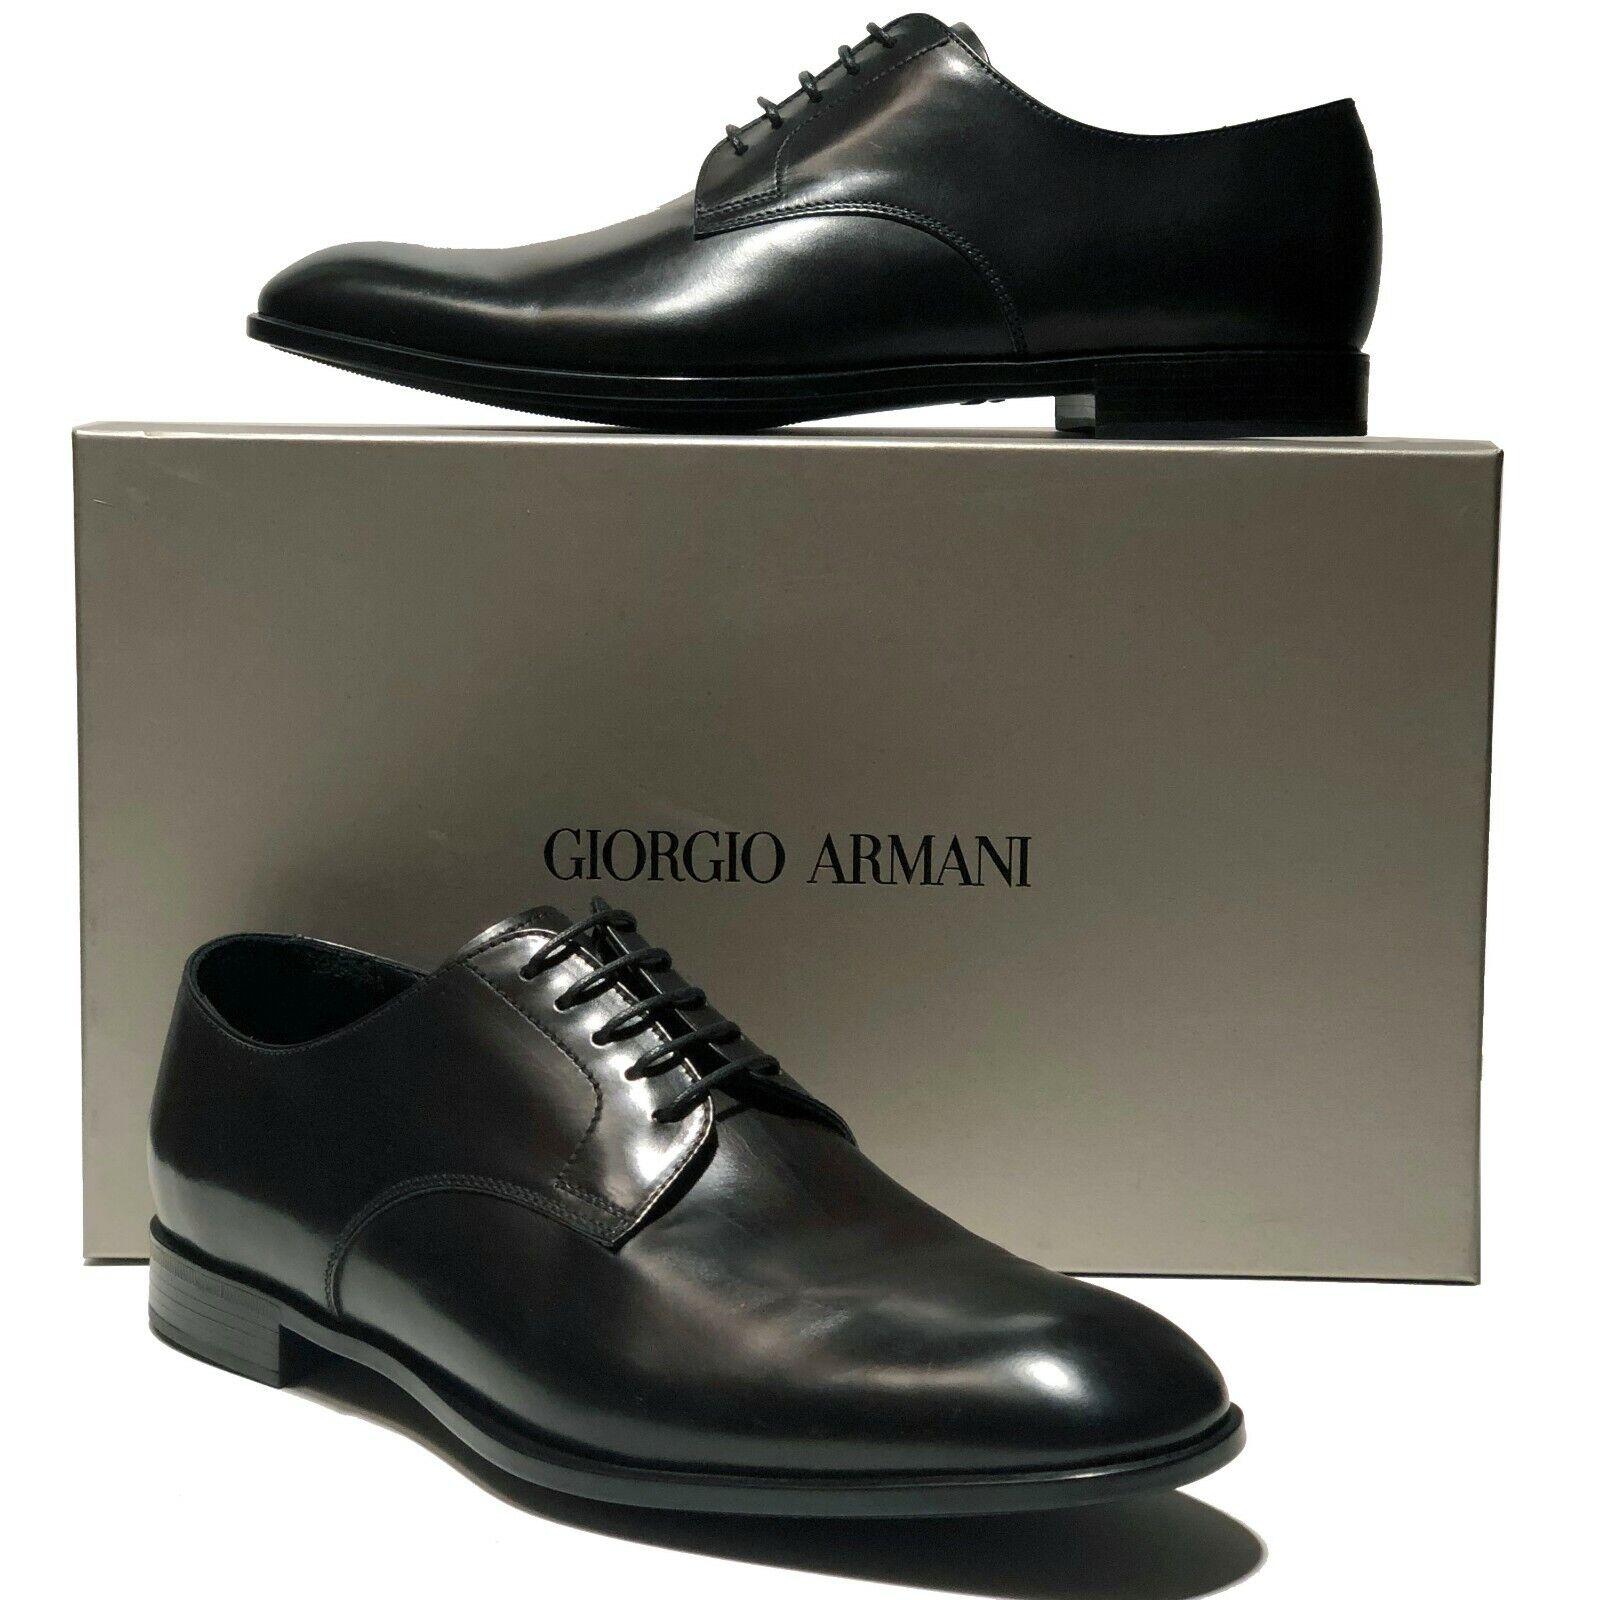 liquidazione Giorgio Armani ITALY nero Leather Formal Formal Formal Dress Oxford Uomo 9.5 scarpe Tuxedo  vendita di offerte